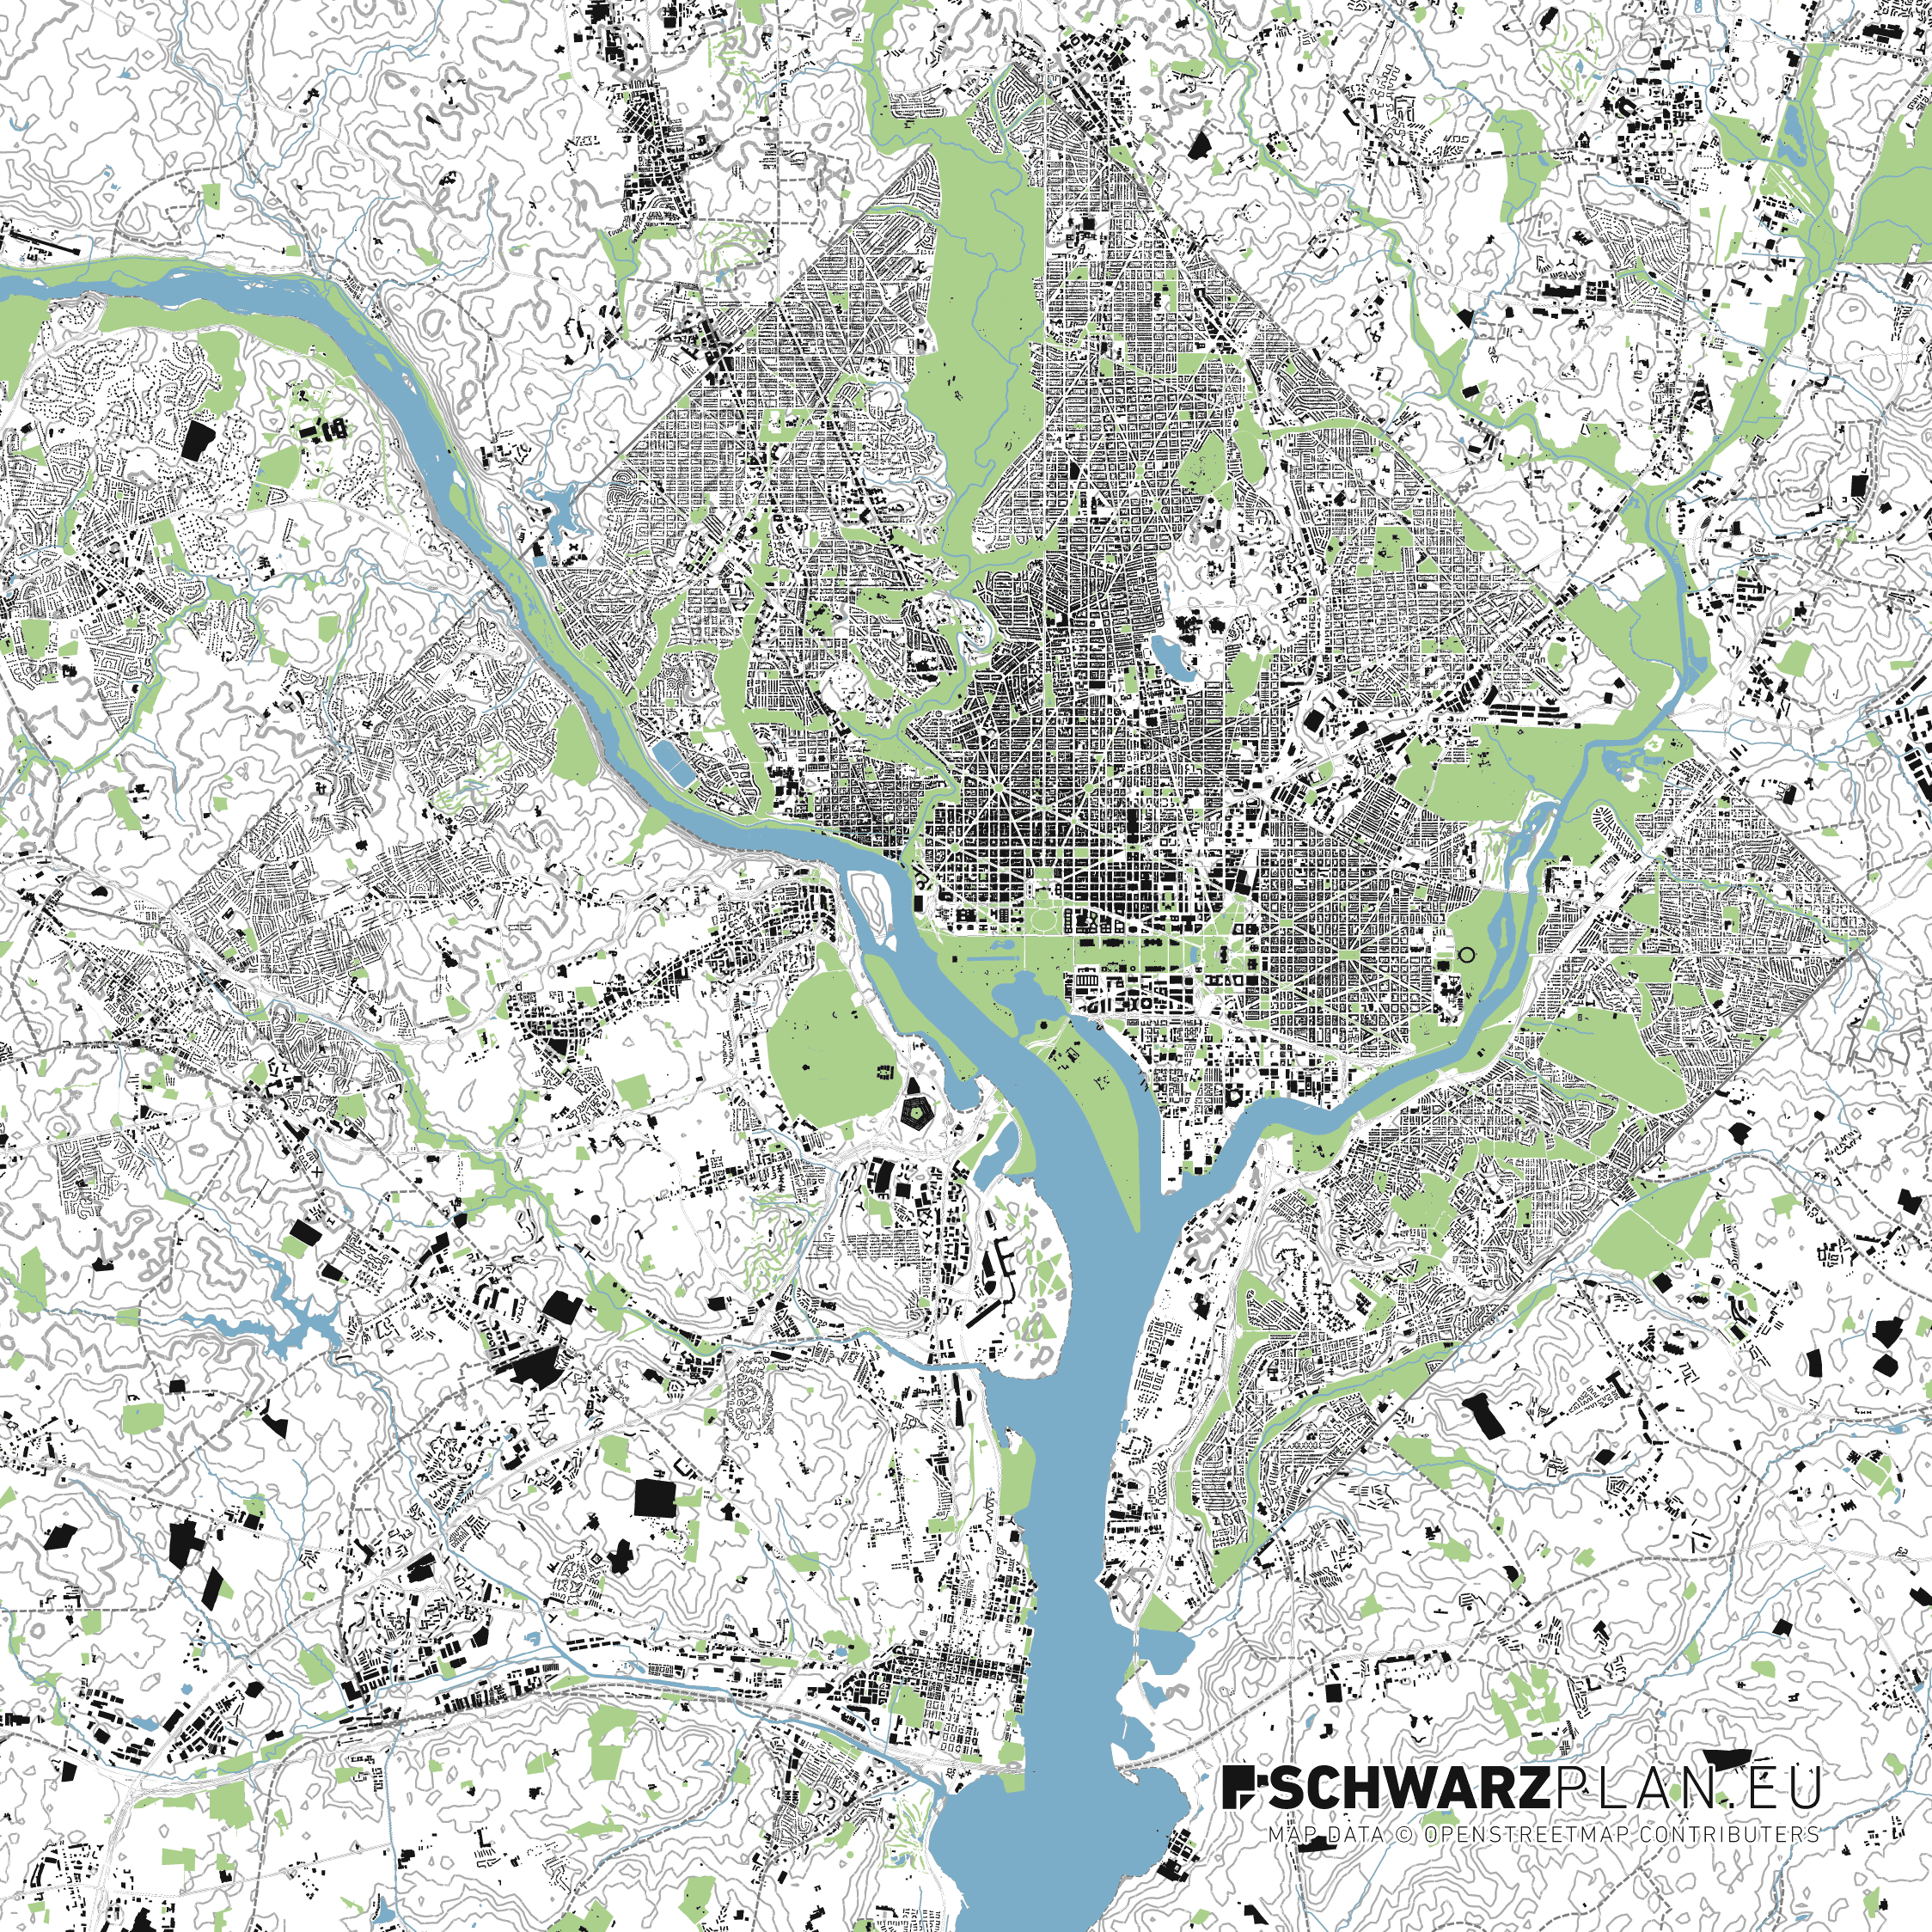 Schwarzplan & Lageplan von Washington D.C. zum Download als PDF